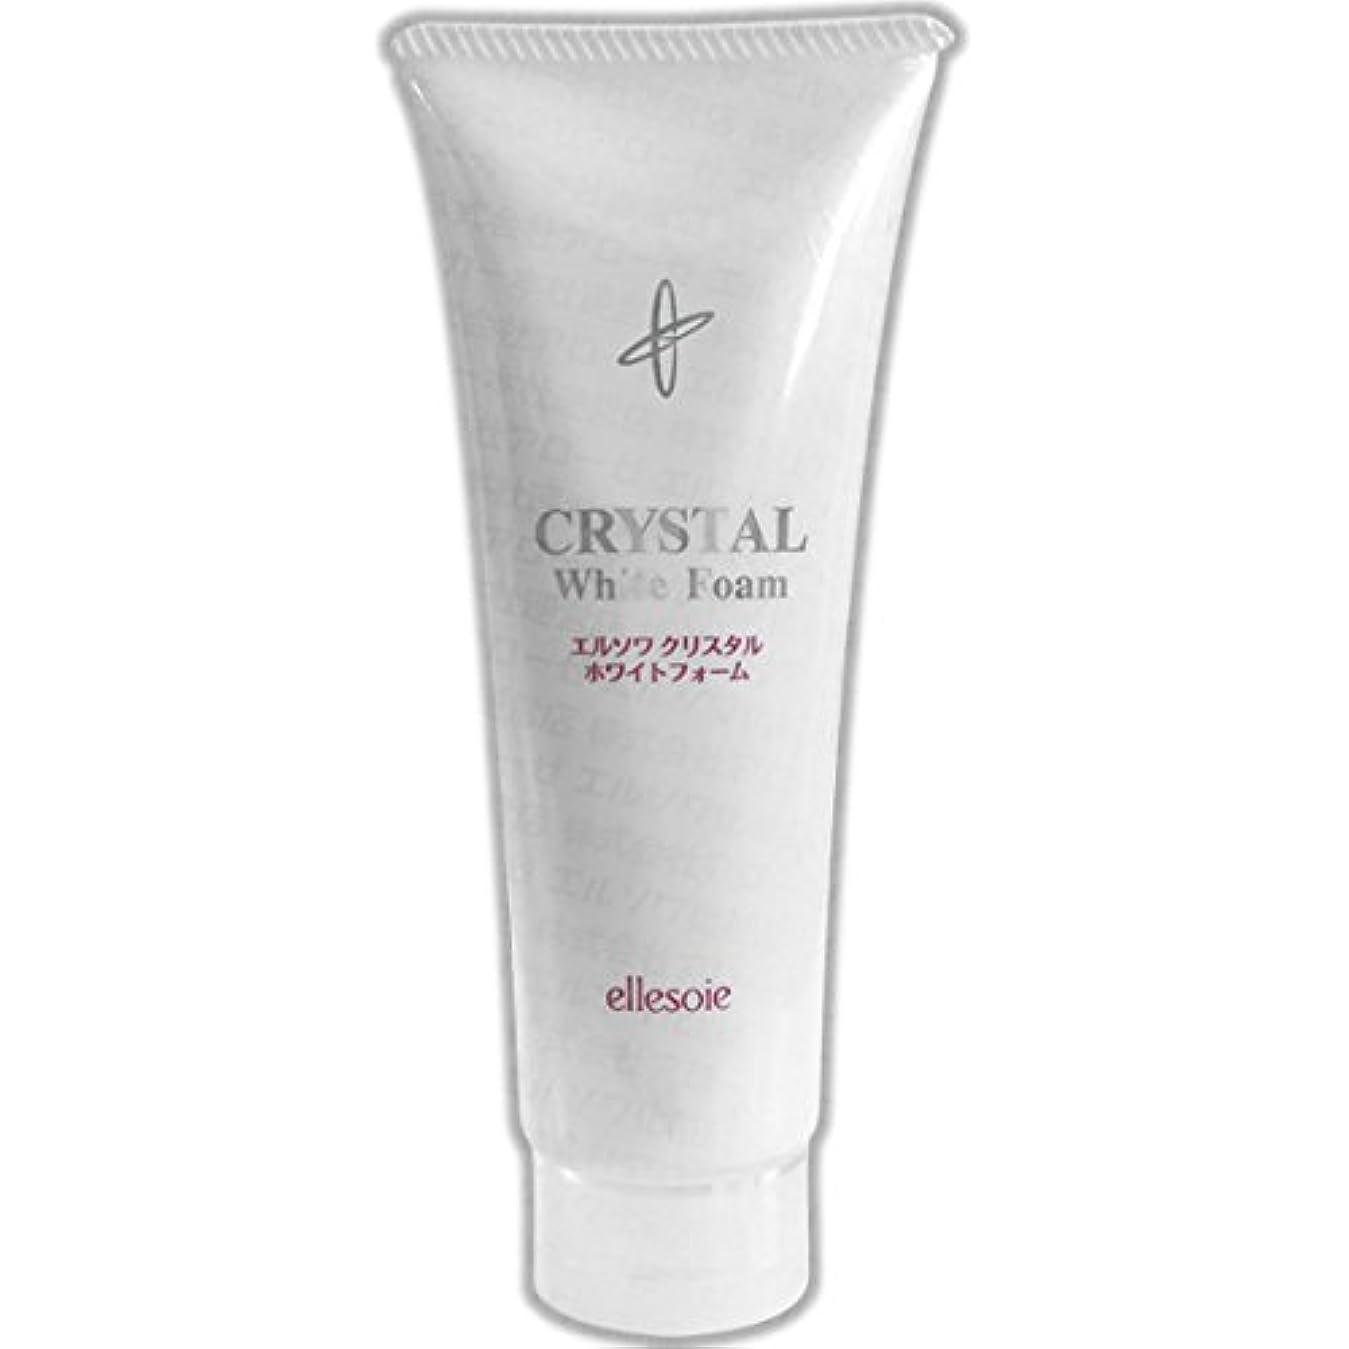 霧ペンダント厳しいエルソワ化粧品(ellesoie) クリスタル ホワイトフォーム 洗顔